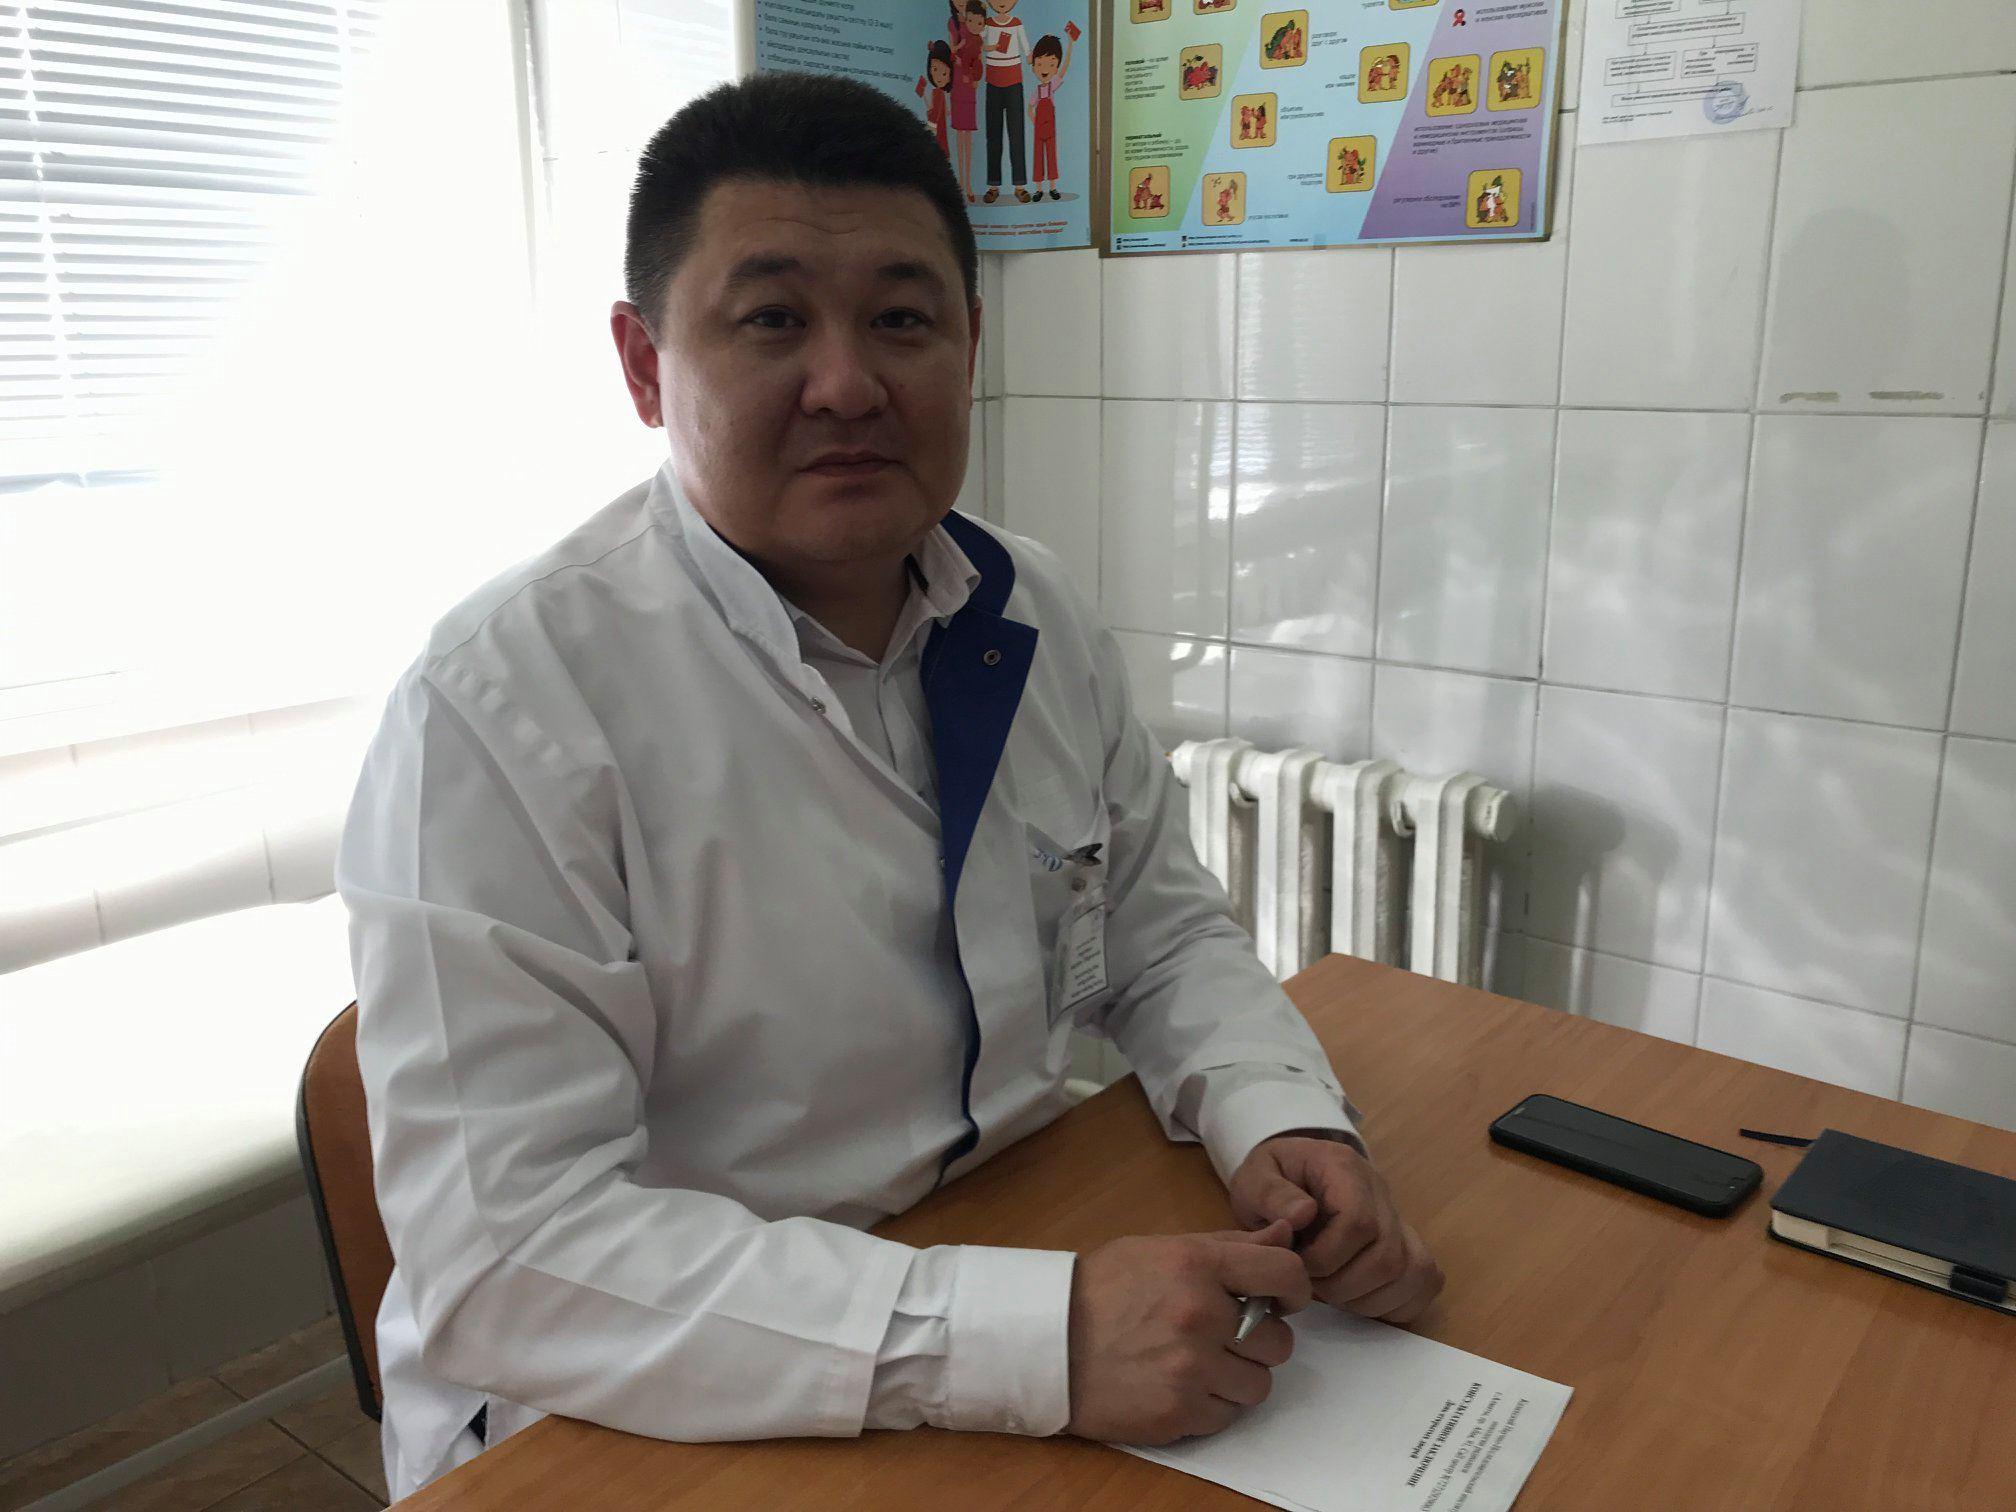 29 июня в Казахском НИИ онкологии и радиологии, а также во всех региональных онкоучреждениях РК прошел день открытых дверей по раннему выявлению рака почки.